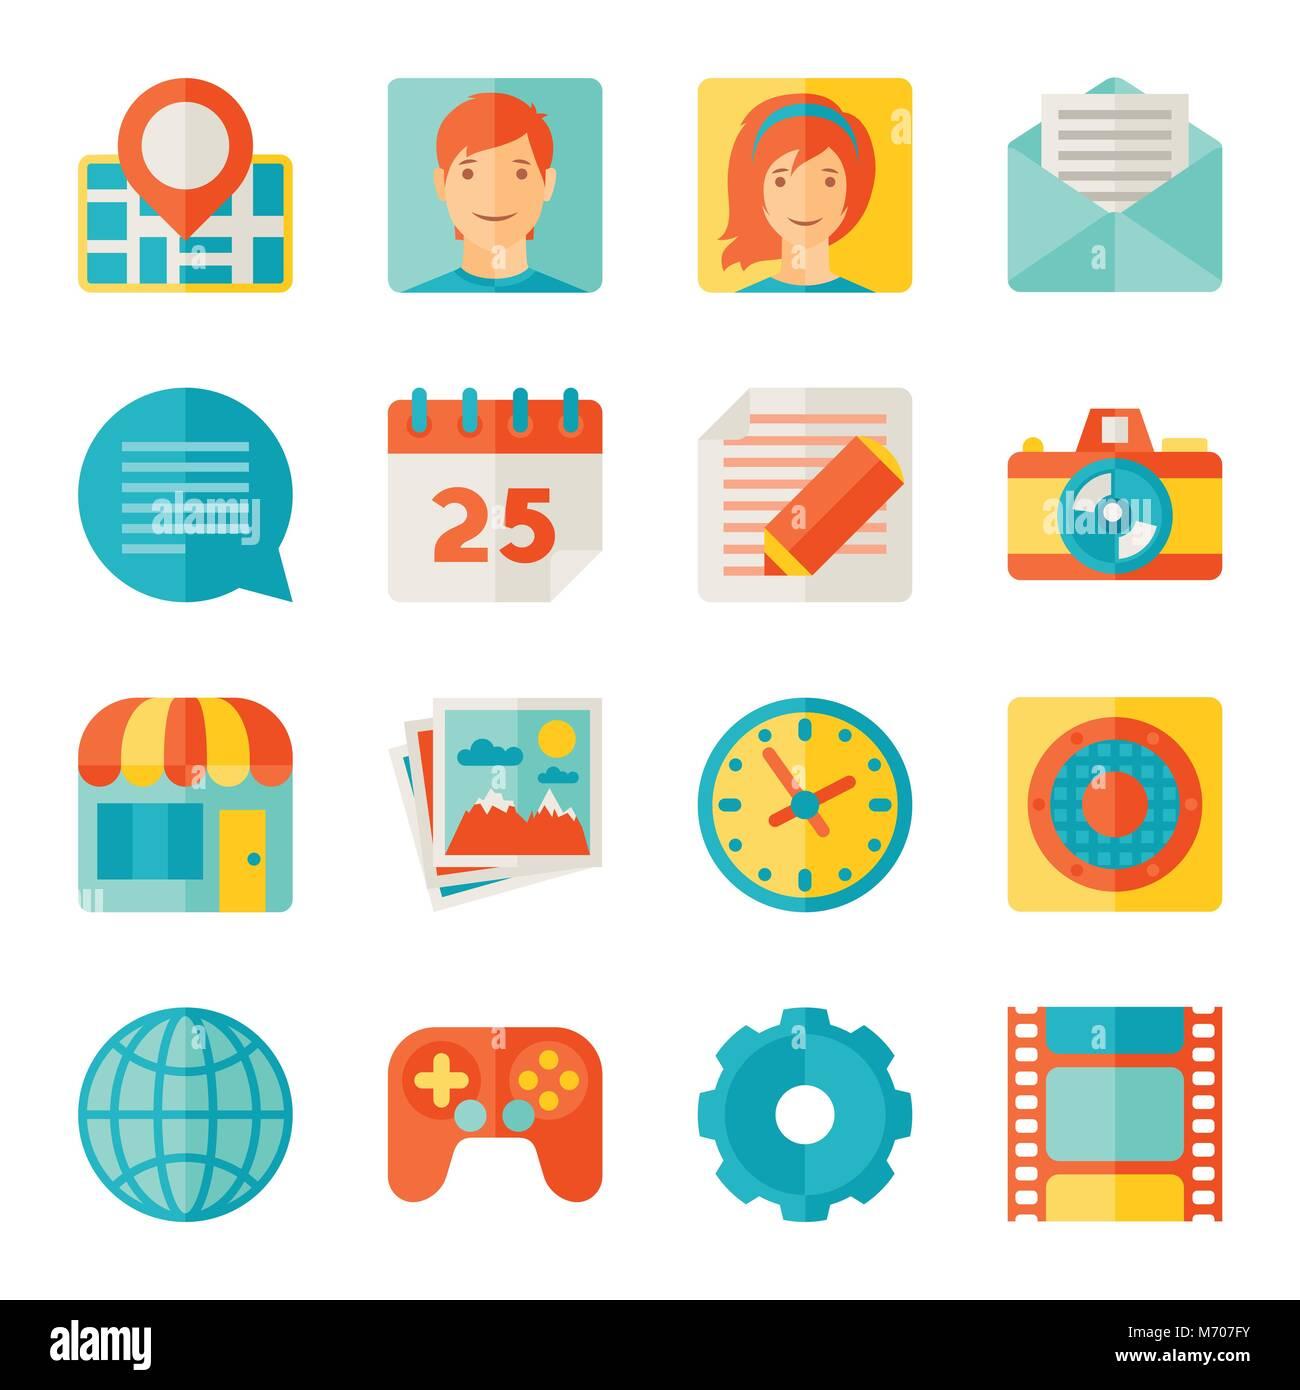 Iconos de aplicaciones móviles y web en el estilo de diseño plano Imagen De Stock